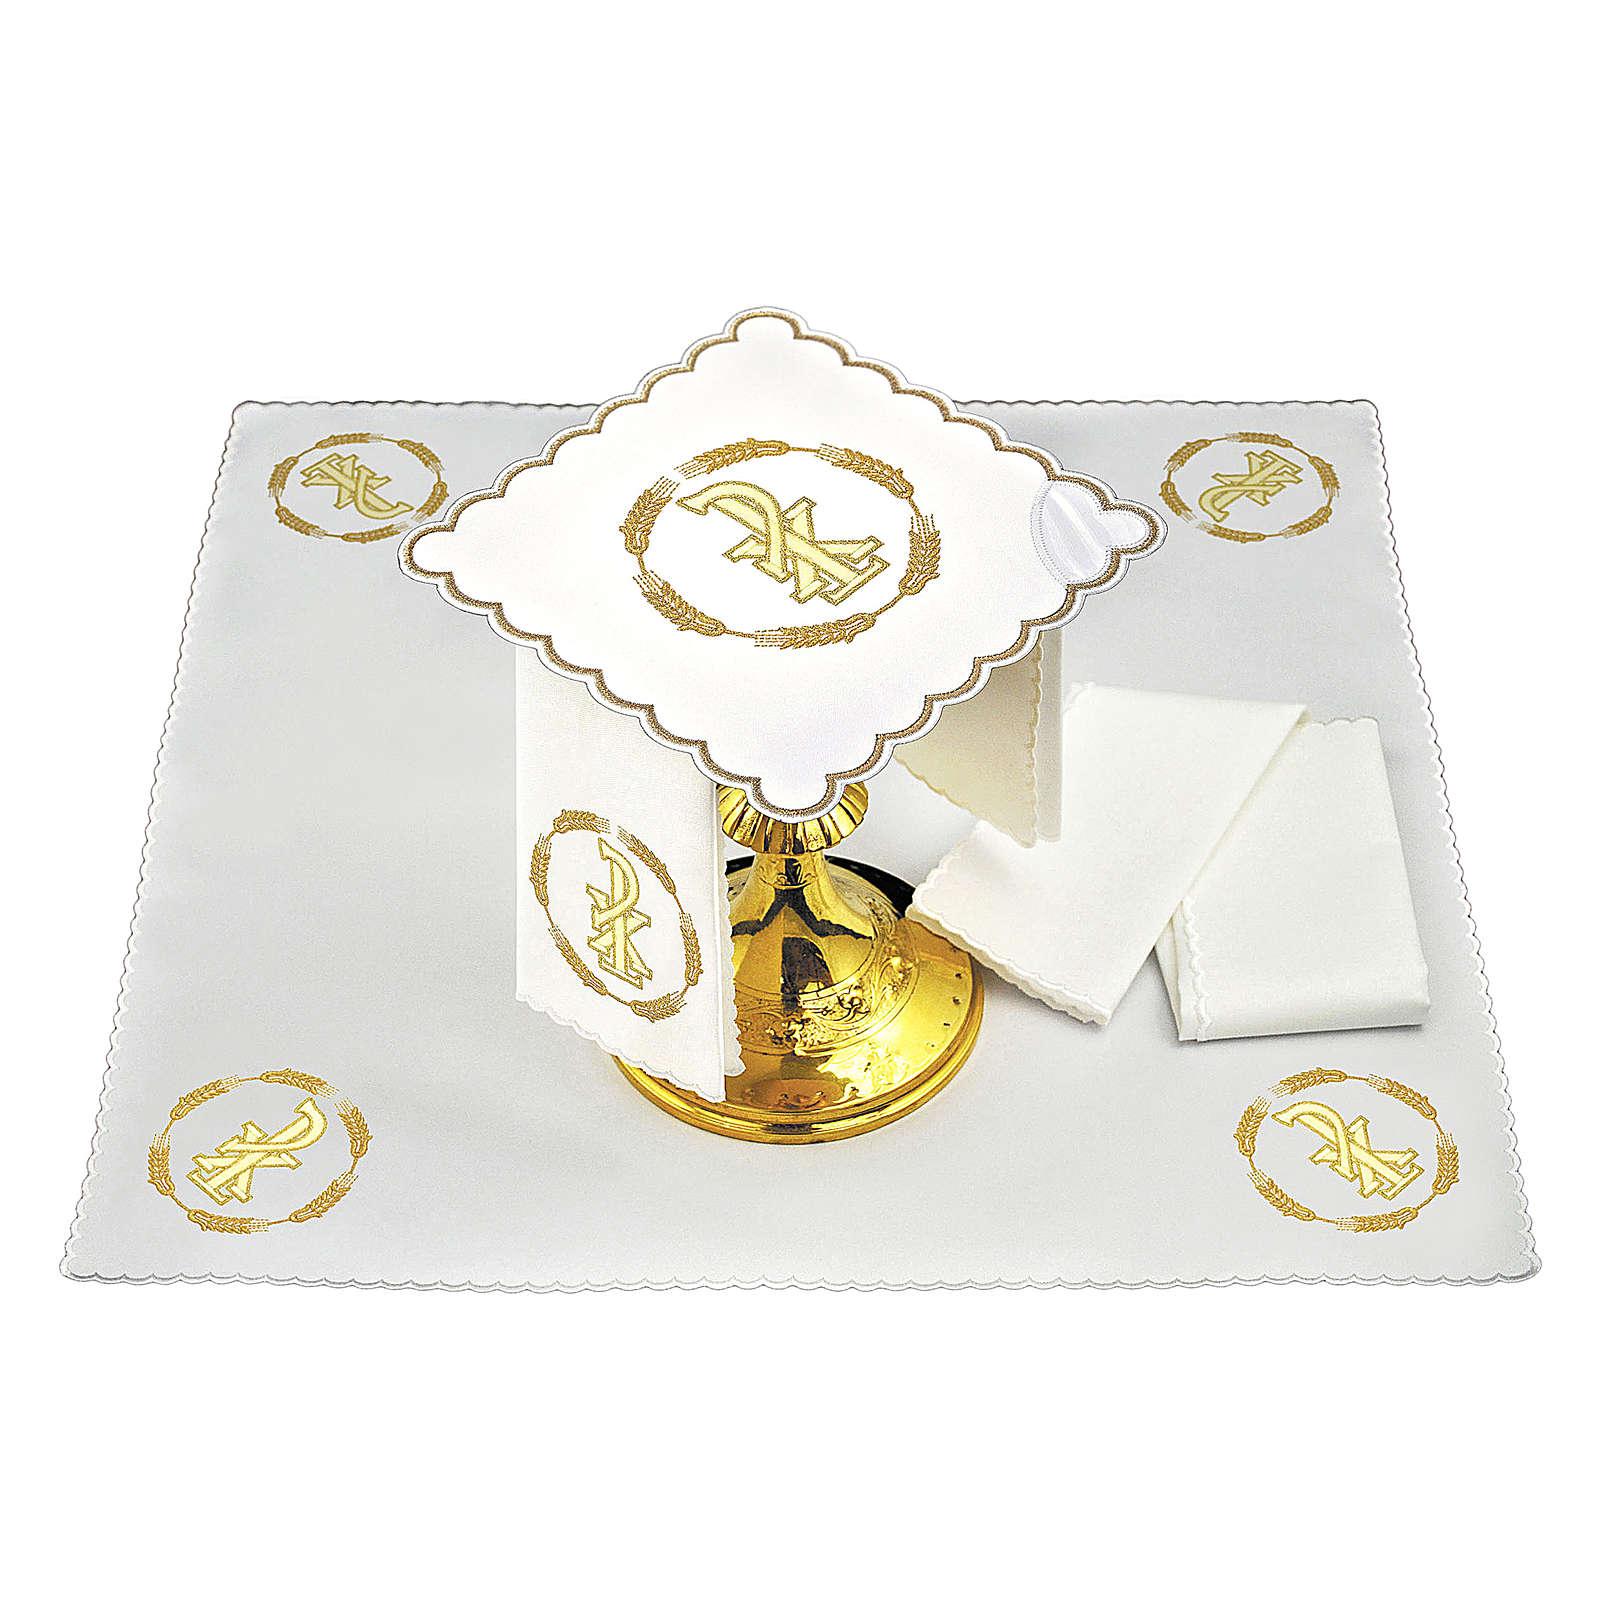 Servizio da altare cotone cerchio di grano e simbolo PAX 4